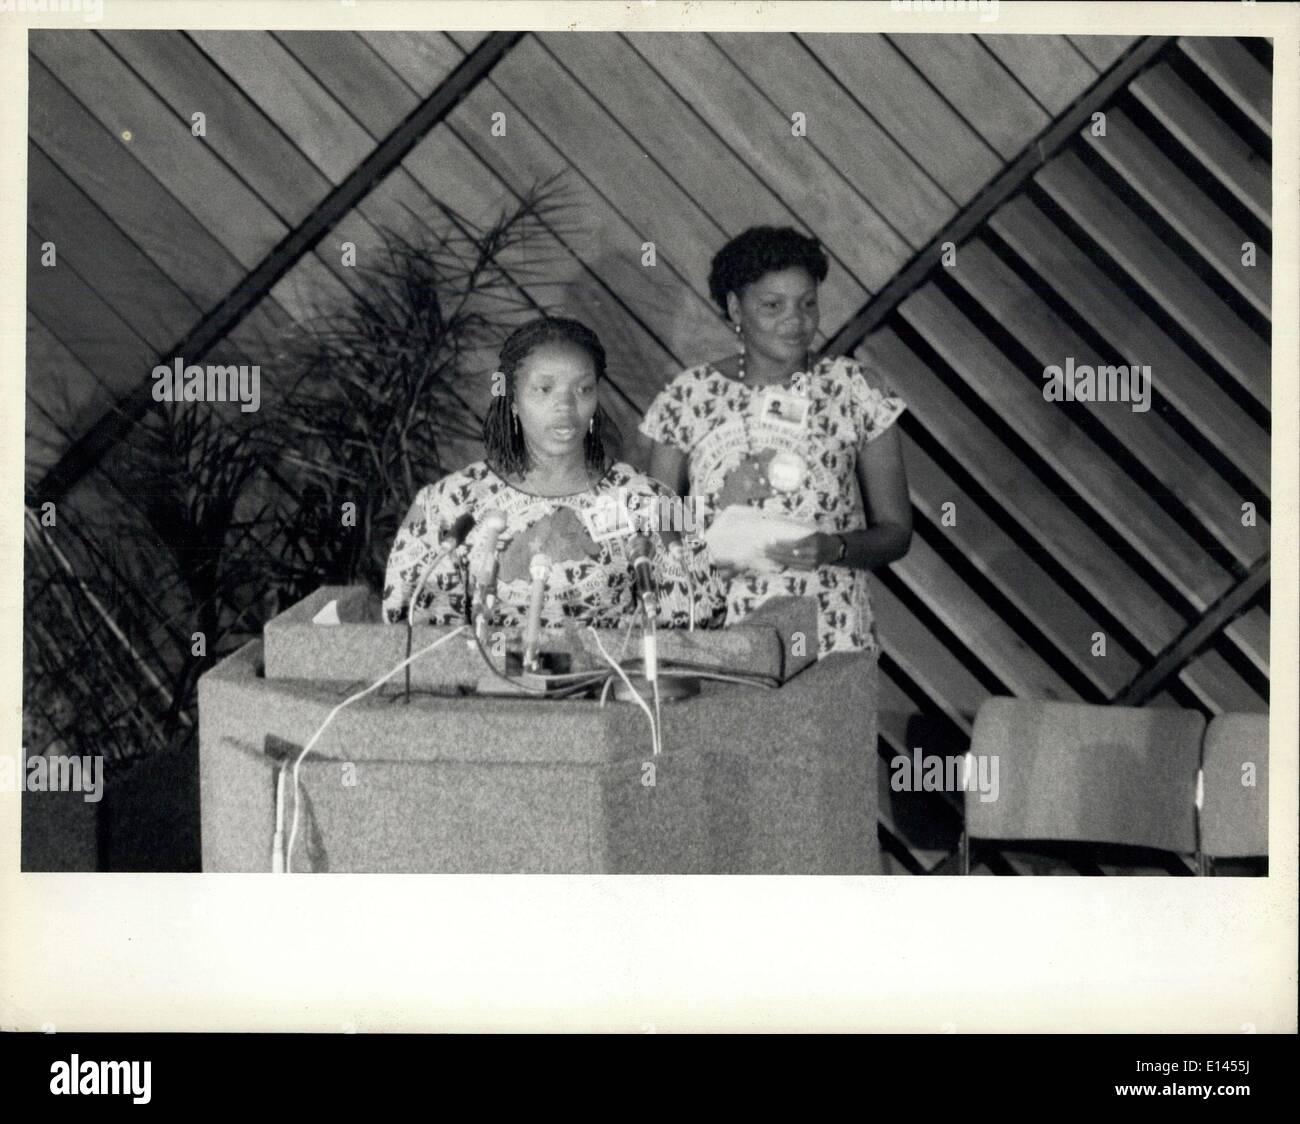 4. April 2012 - Konferenz über die Dekade der Vereinten Nationen Frauen trifft sich in Nairobi: die Weltkonferenz markiert das Ende der UN-Dekade für die Frau, die in Nairobi am 15. Juli begann am 27 Juli mit Annahme durch Konsens ein Abschlussdokument mit Strategien geschlossen, für den Rest des Jahrhunderts, sind entworfen, um die Statue von Frauen verbessern und intergrate sie in alle Aspekte der Entwicklung. Vertreter von mehr als 140 Nationen nahmen an der Weltkonferenz zu überprüfen und bewerten die Leistungen der UN-Dekade für Frauen Stockbild